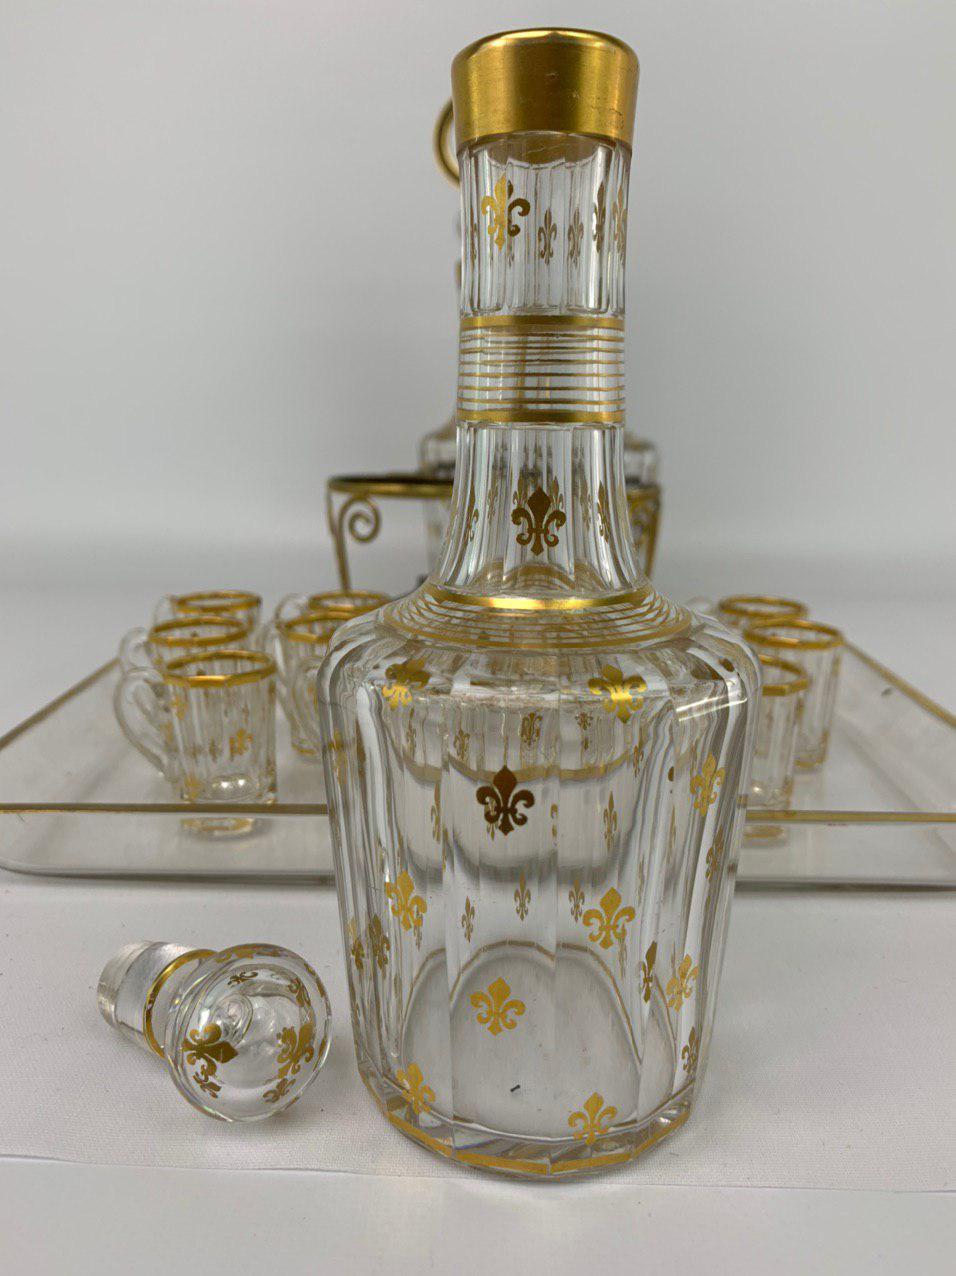 Антикварный ликерный набор эпохи Наполеона III